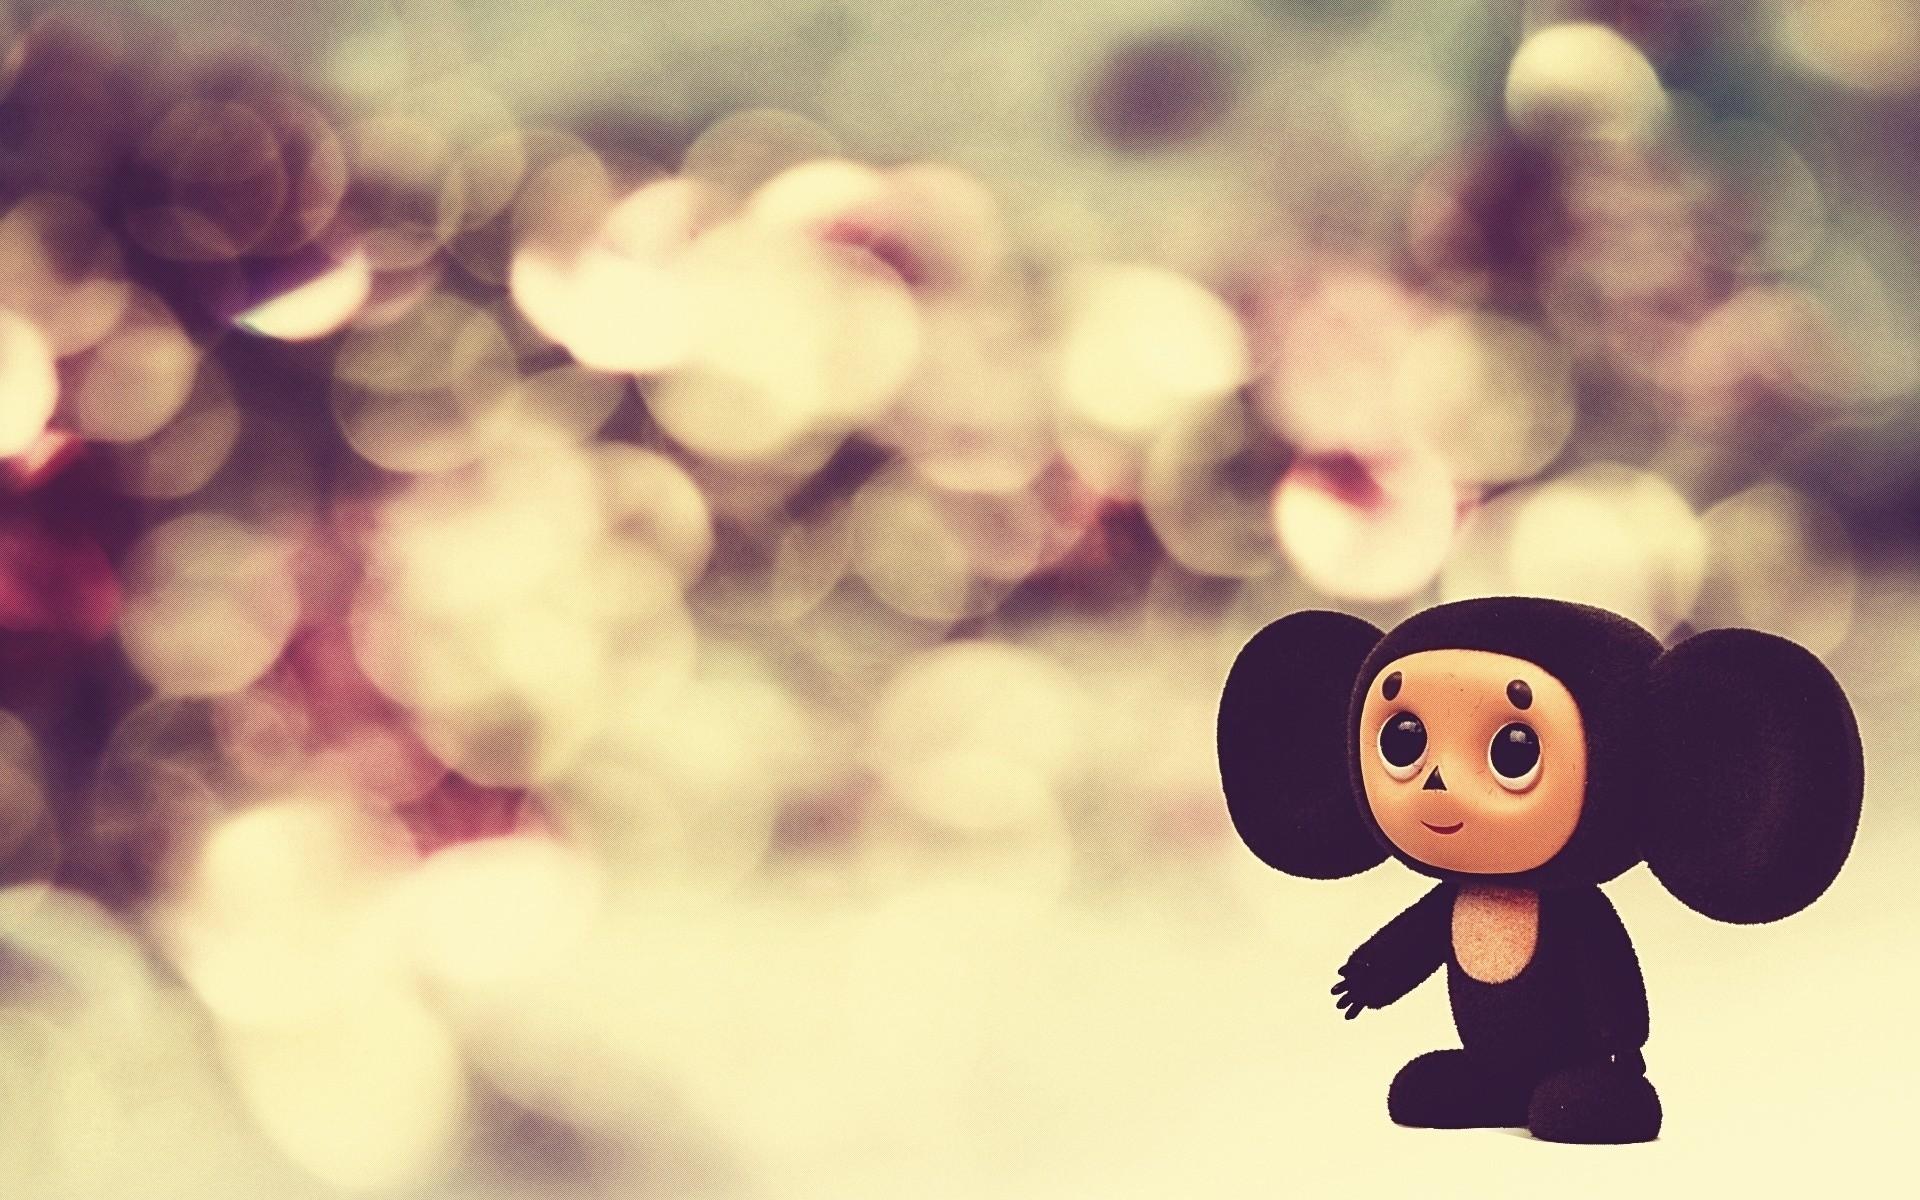 Baby Monkey. cute wallpapers hd